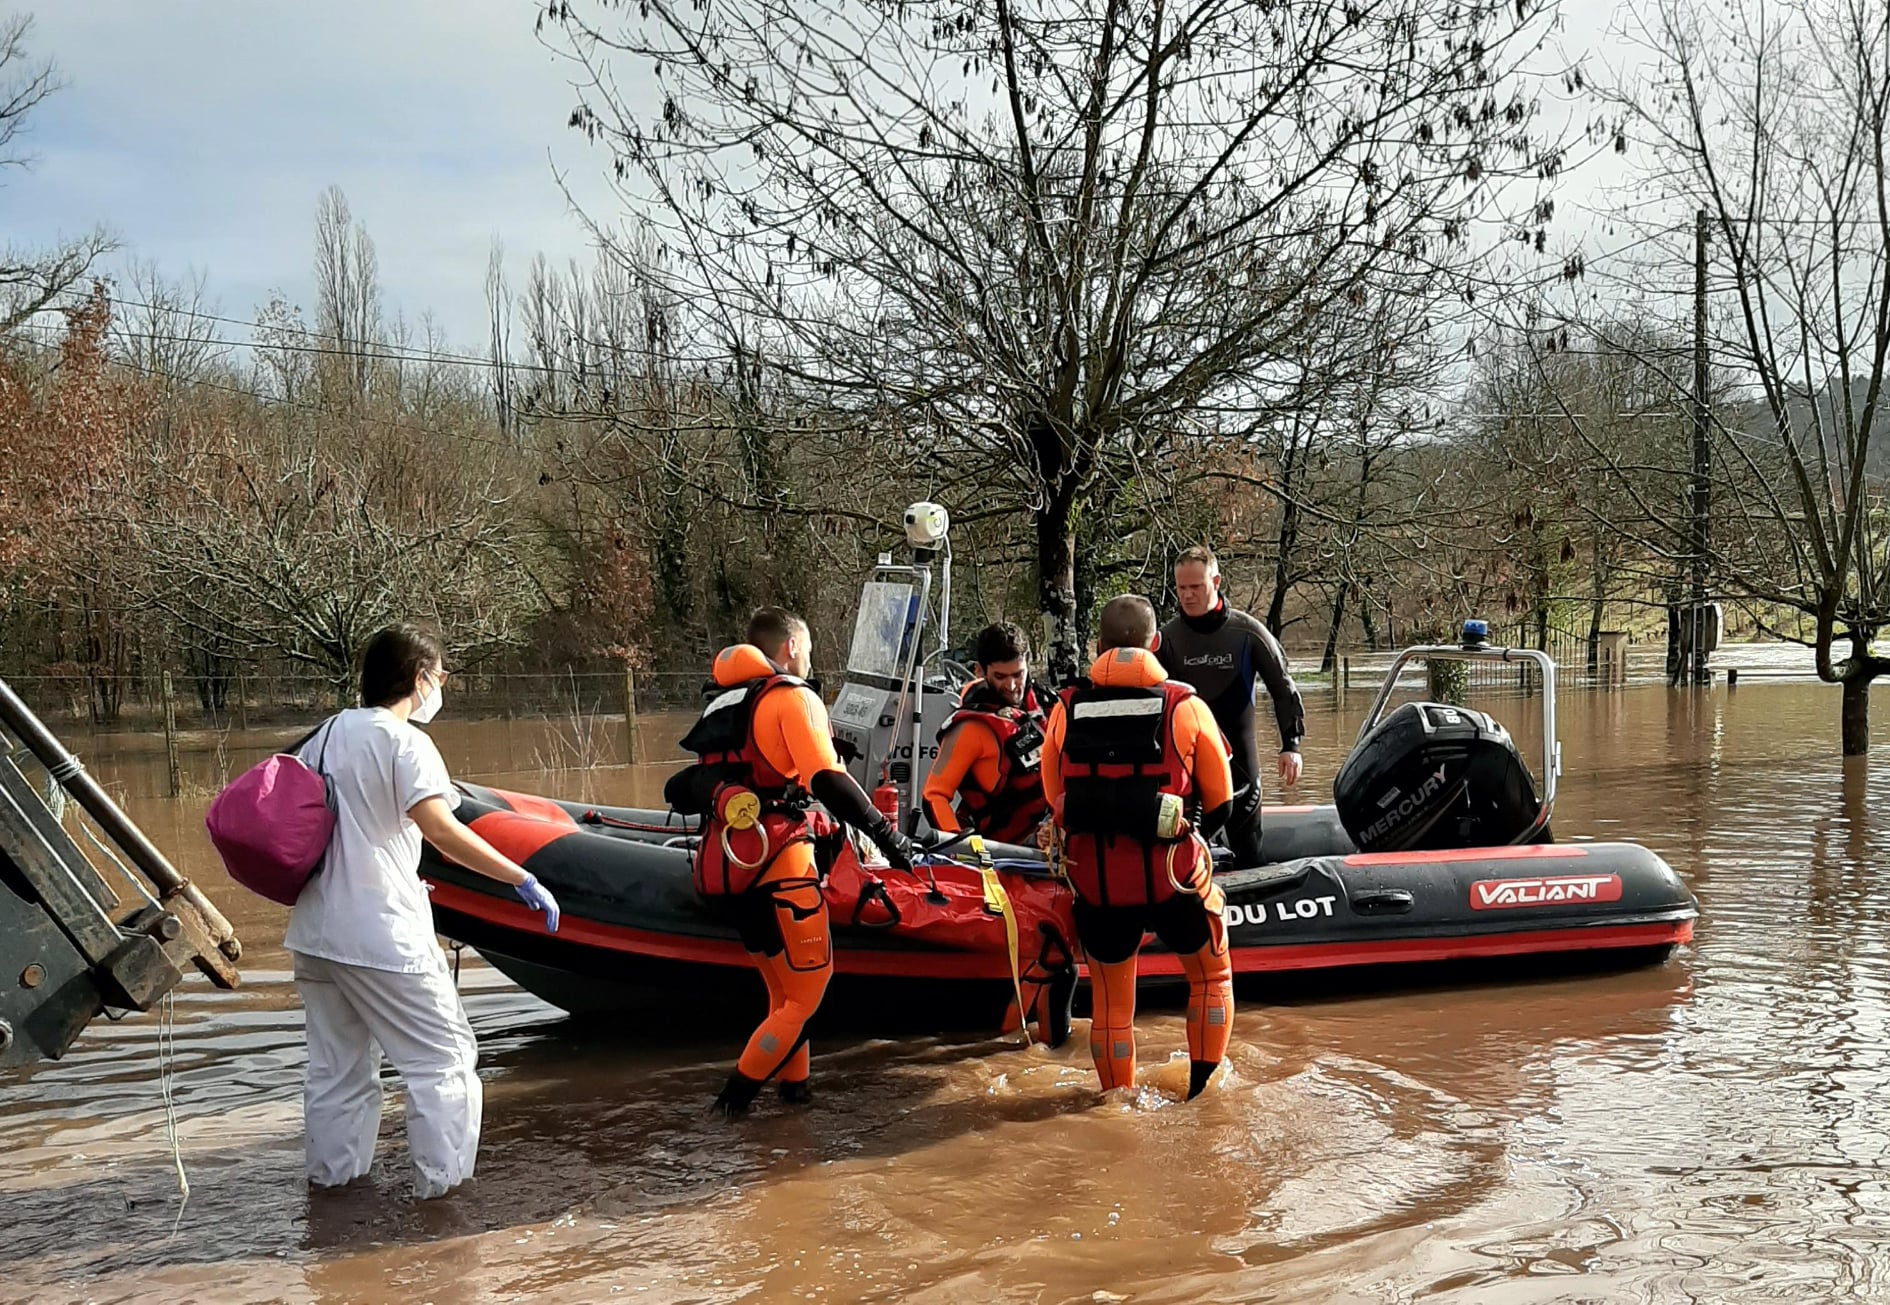 Lot. elle accouche auprès des pompiers en pleines inondations